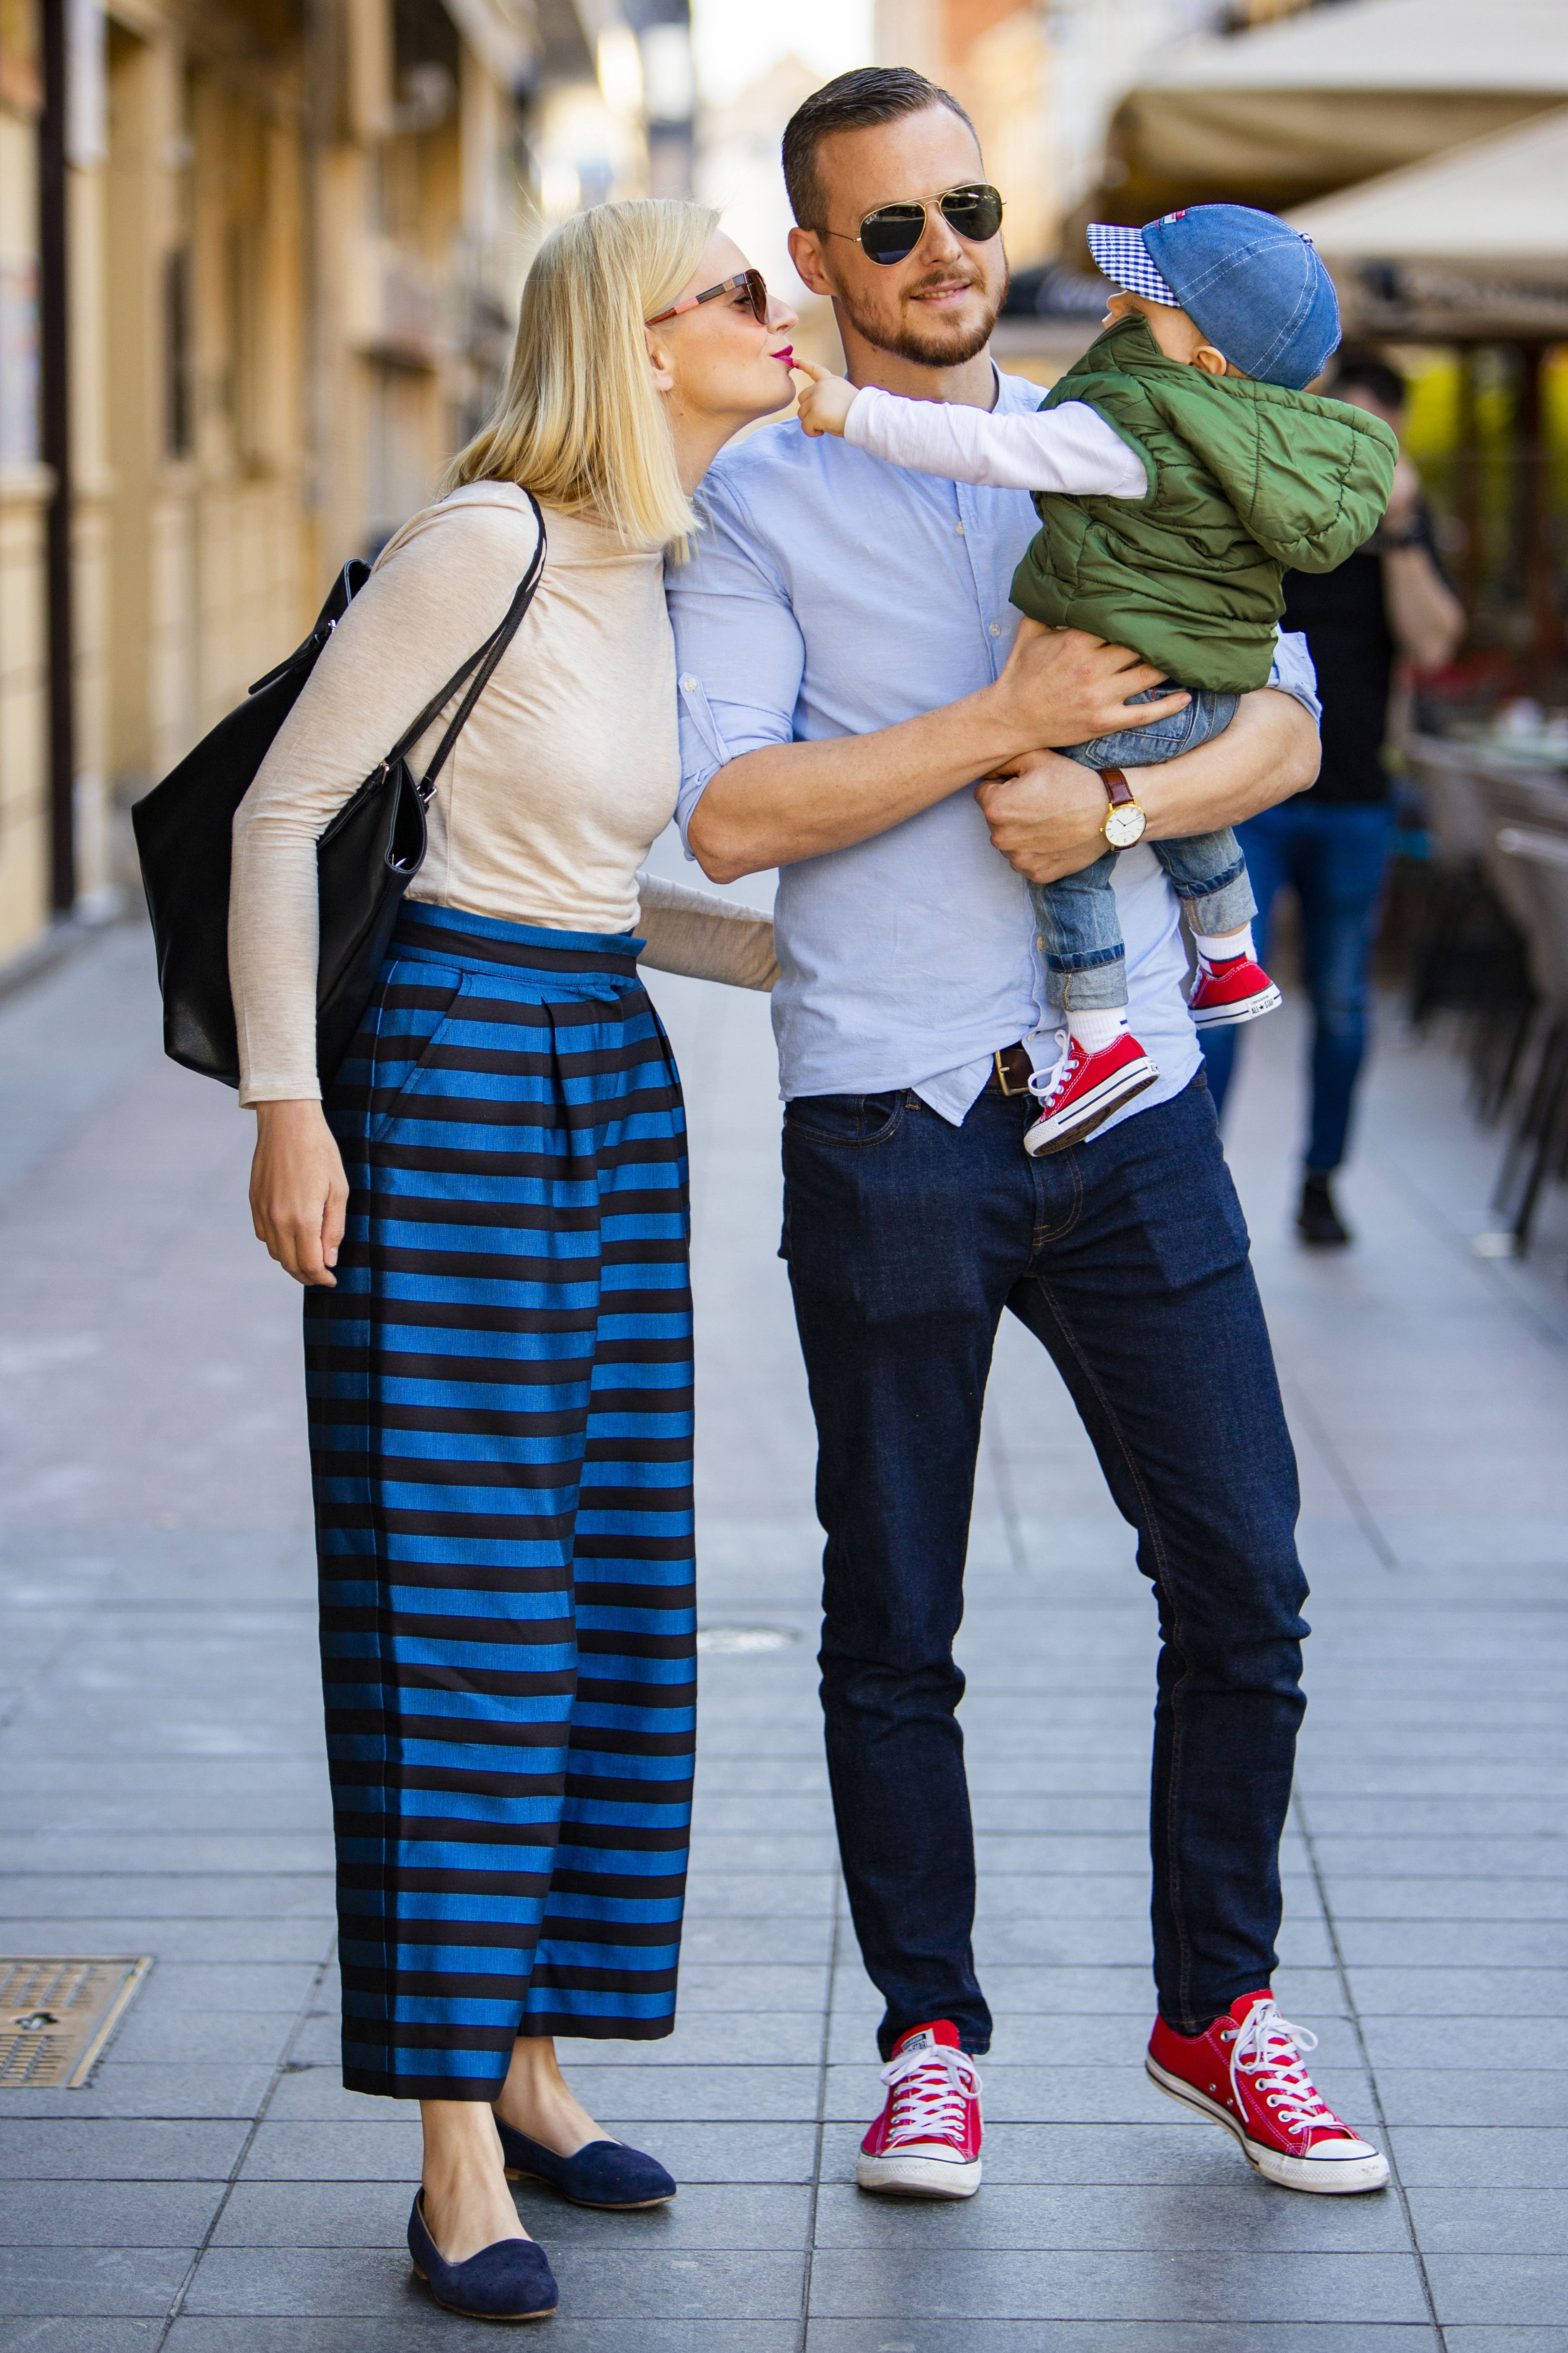 Stylish voditeljica Edita Misirić Vrkljan i njena obitelj - najslađi su prizor!